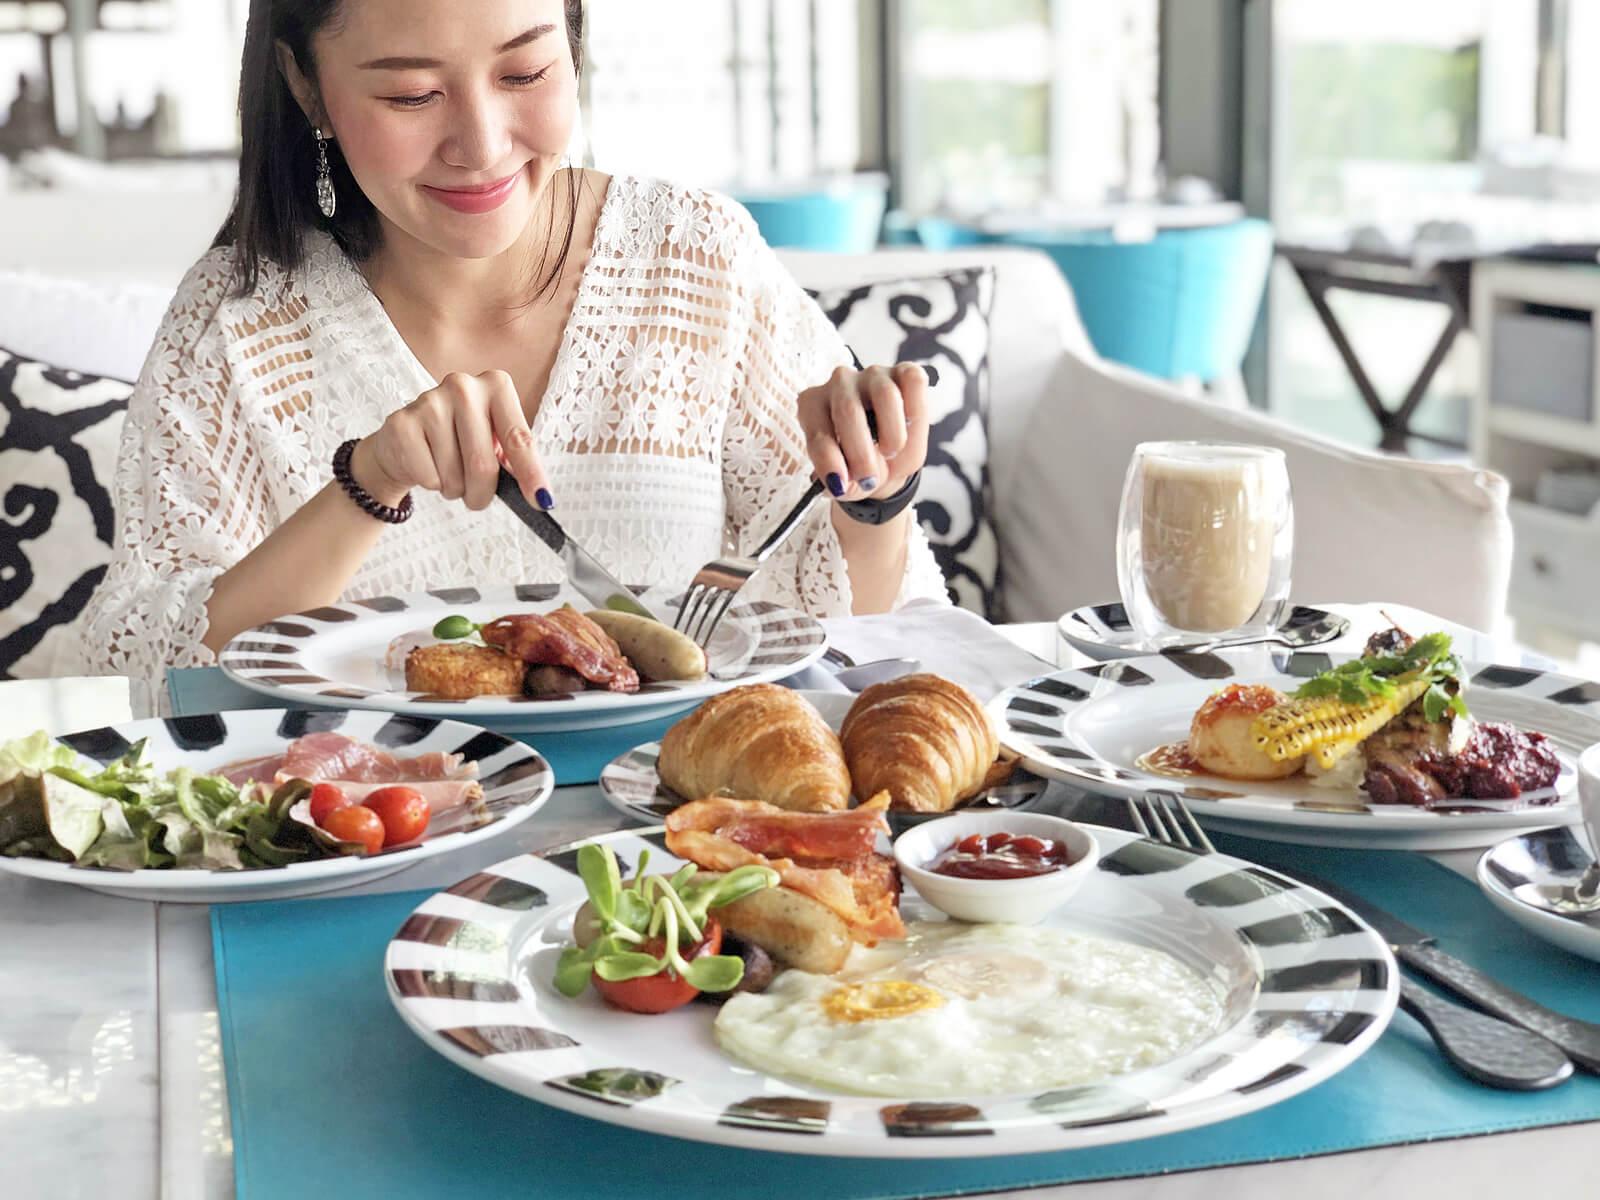 Mujer embarazada tomando huevos en el desayuno.